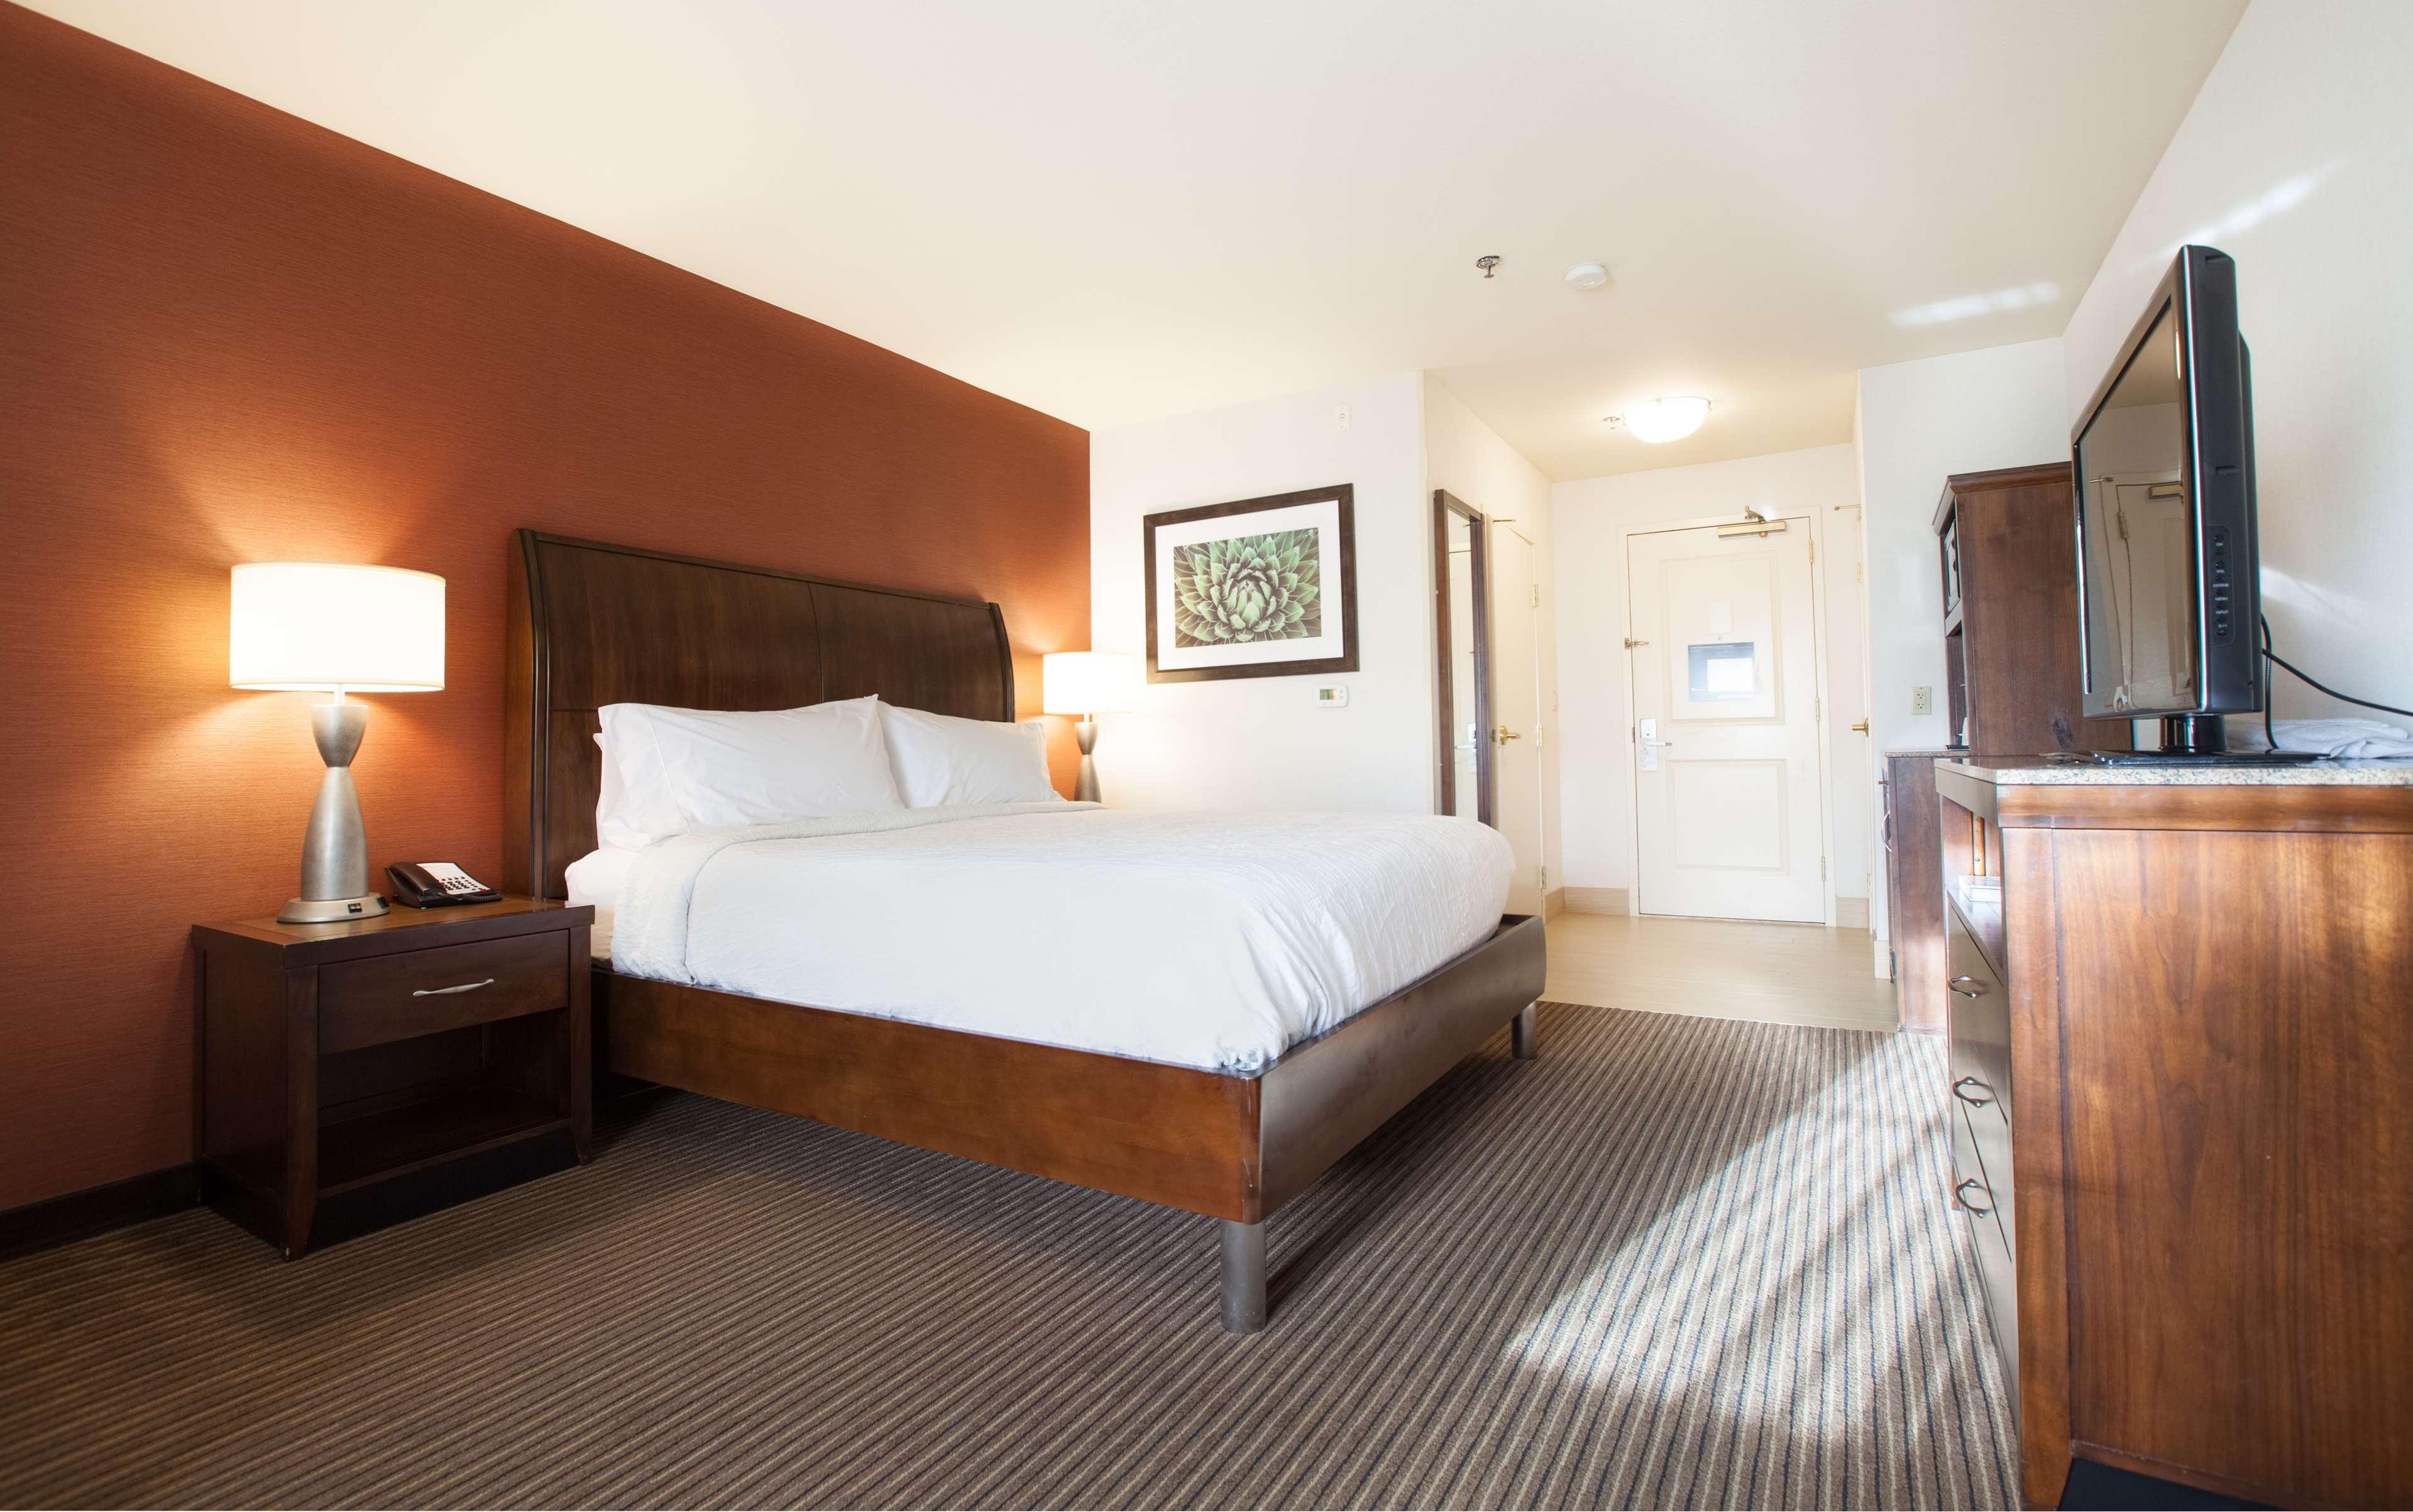 Hilton Garden Inn Palm Springs/Rancho Mirage image 22